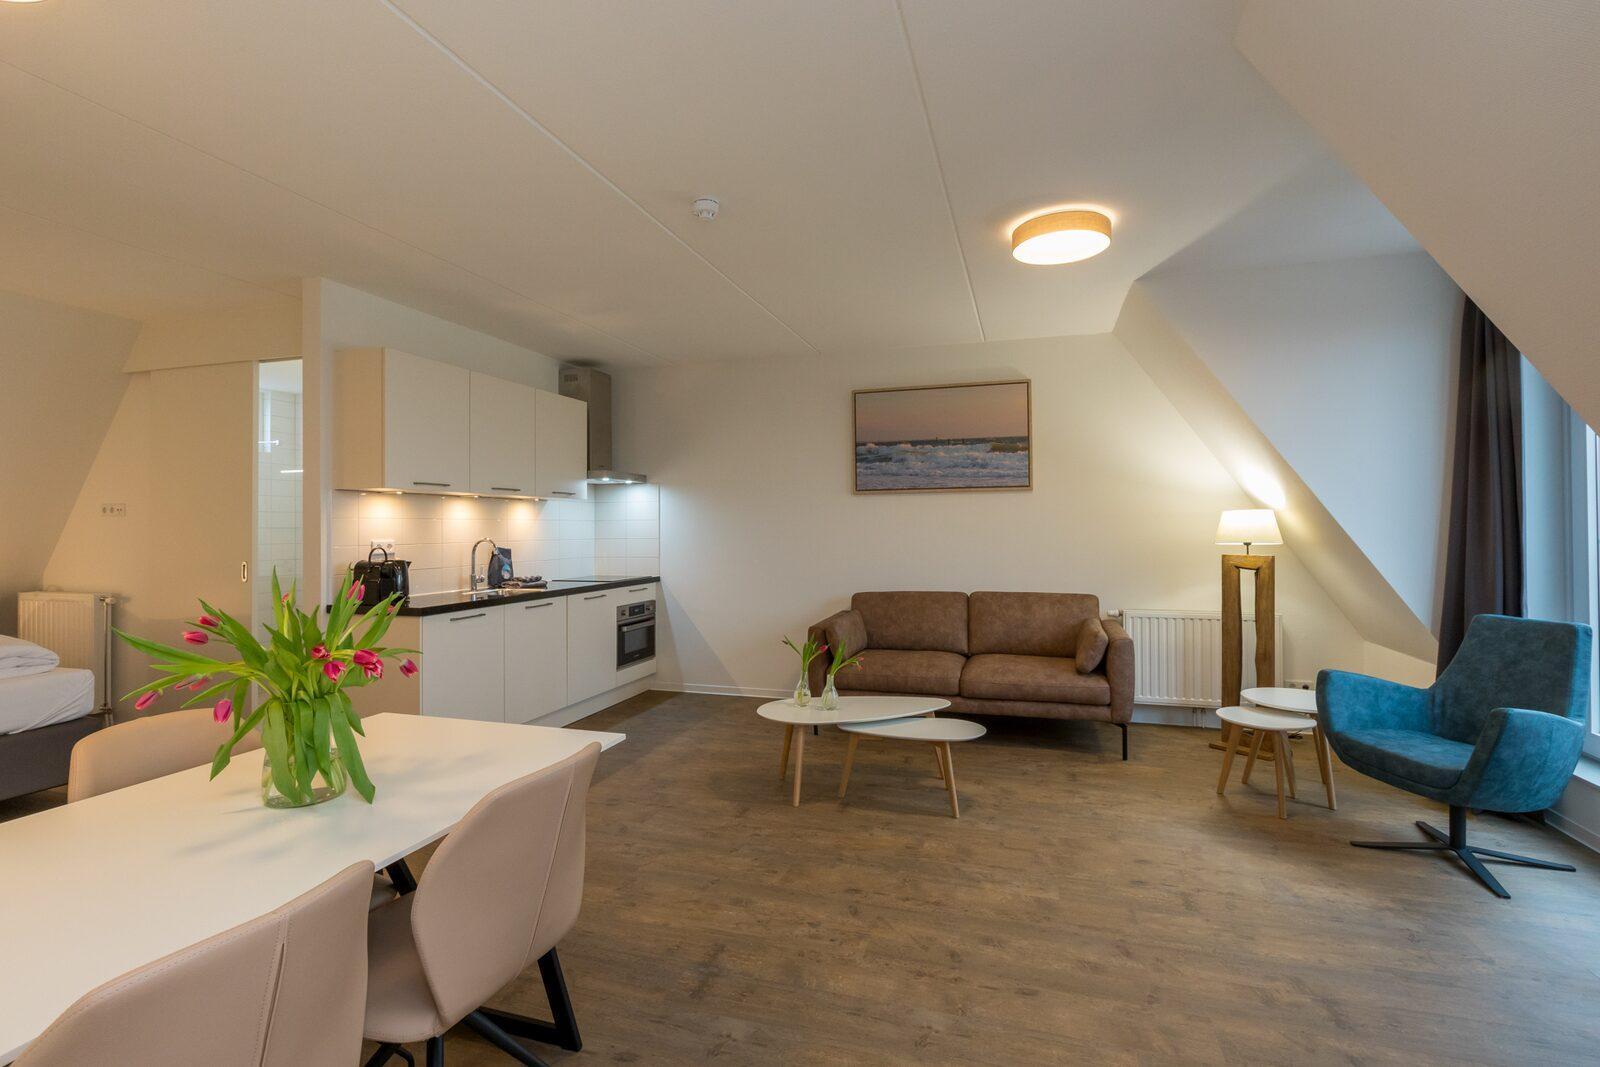 Ferienhaus für 2 Personen ca 32 m² in Zoutelande Zeeland Küste von Zeeland